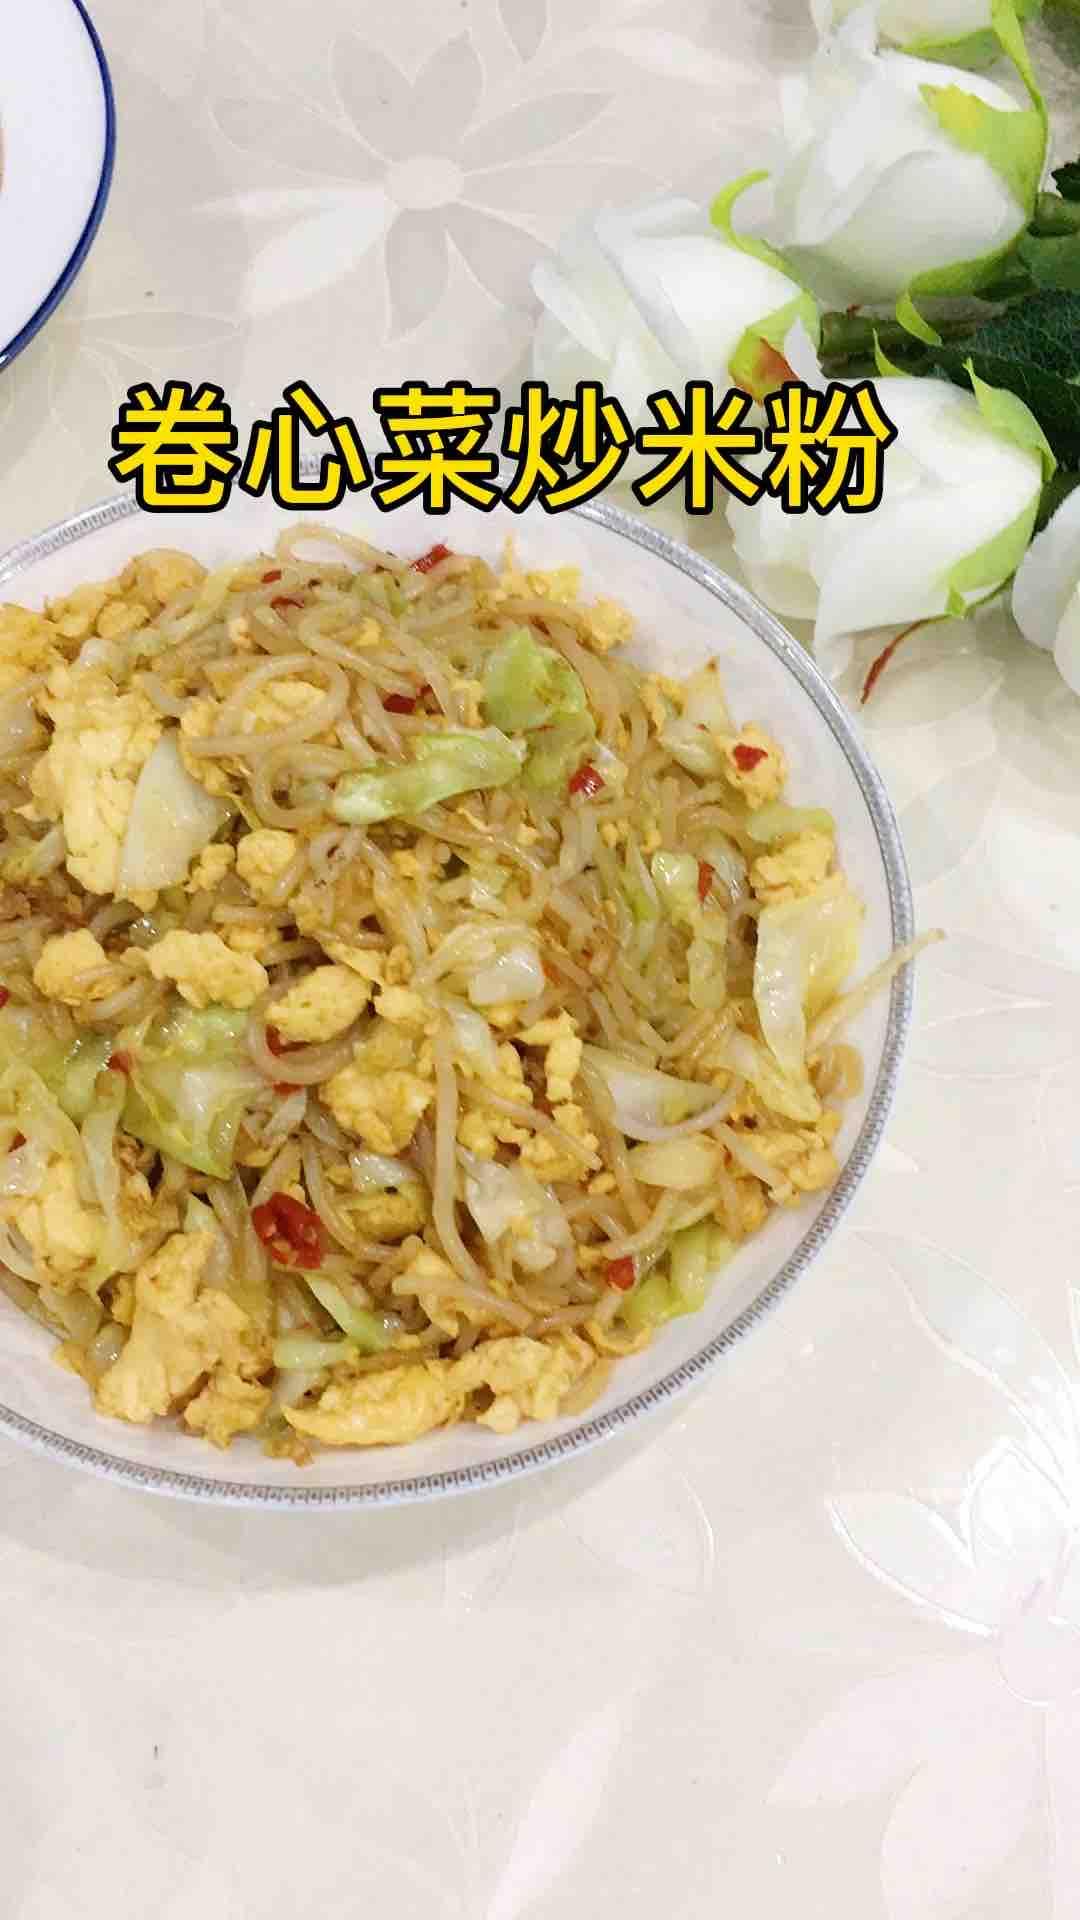 卷心菜鸡蛋炒米粉